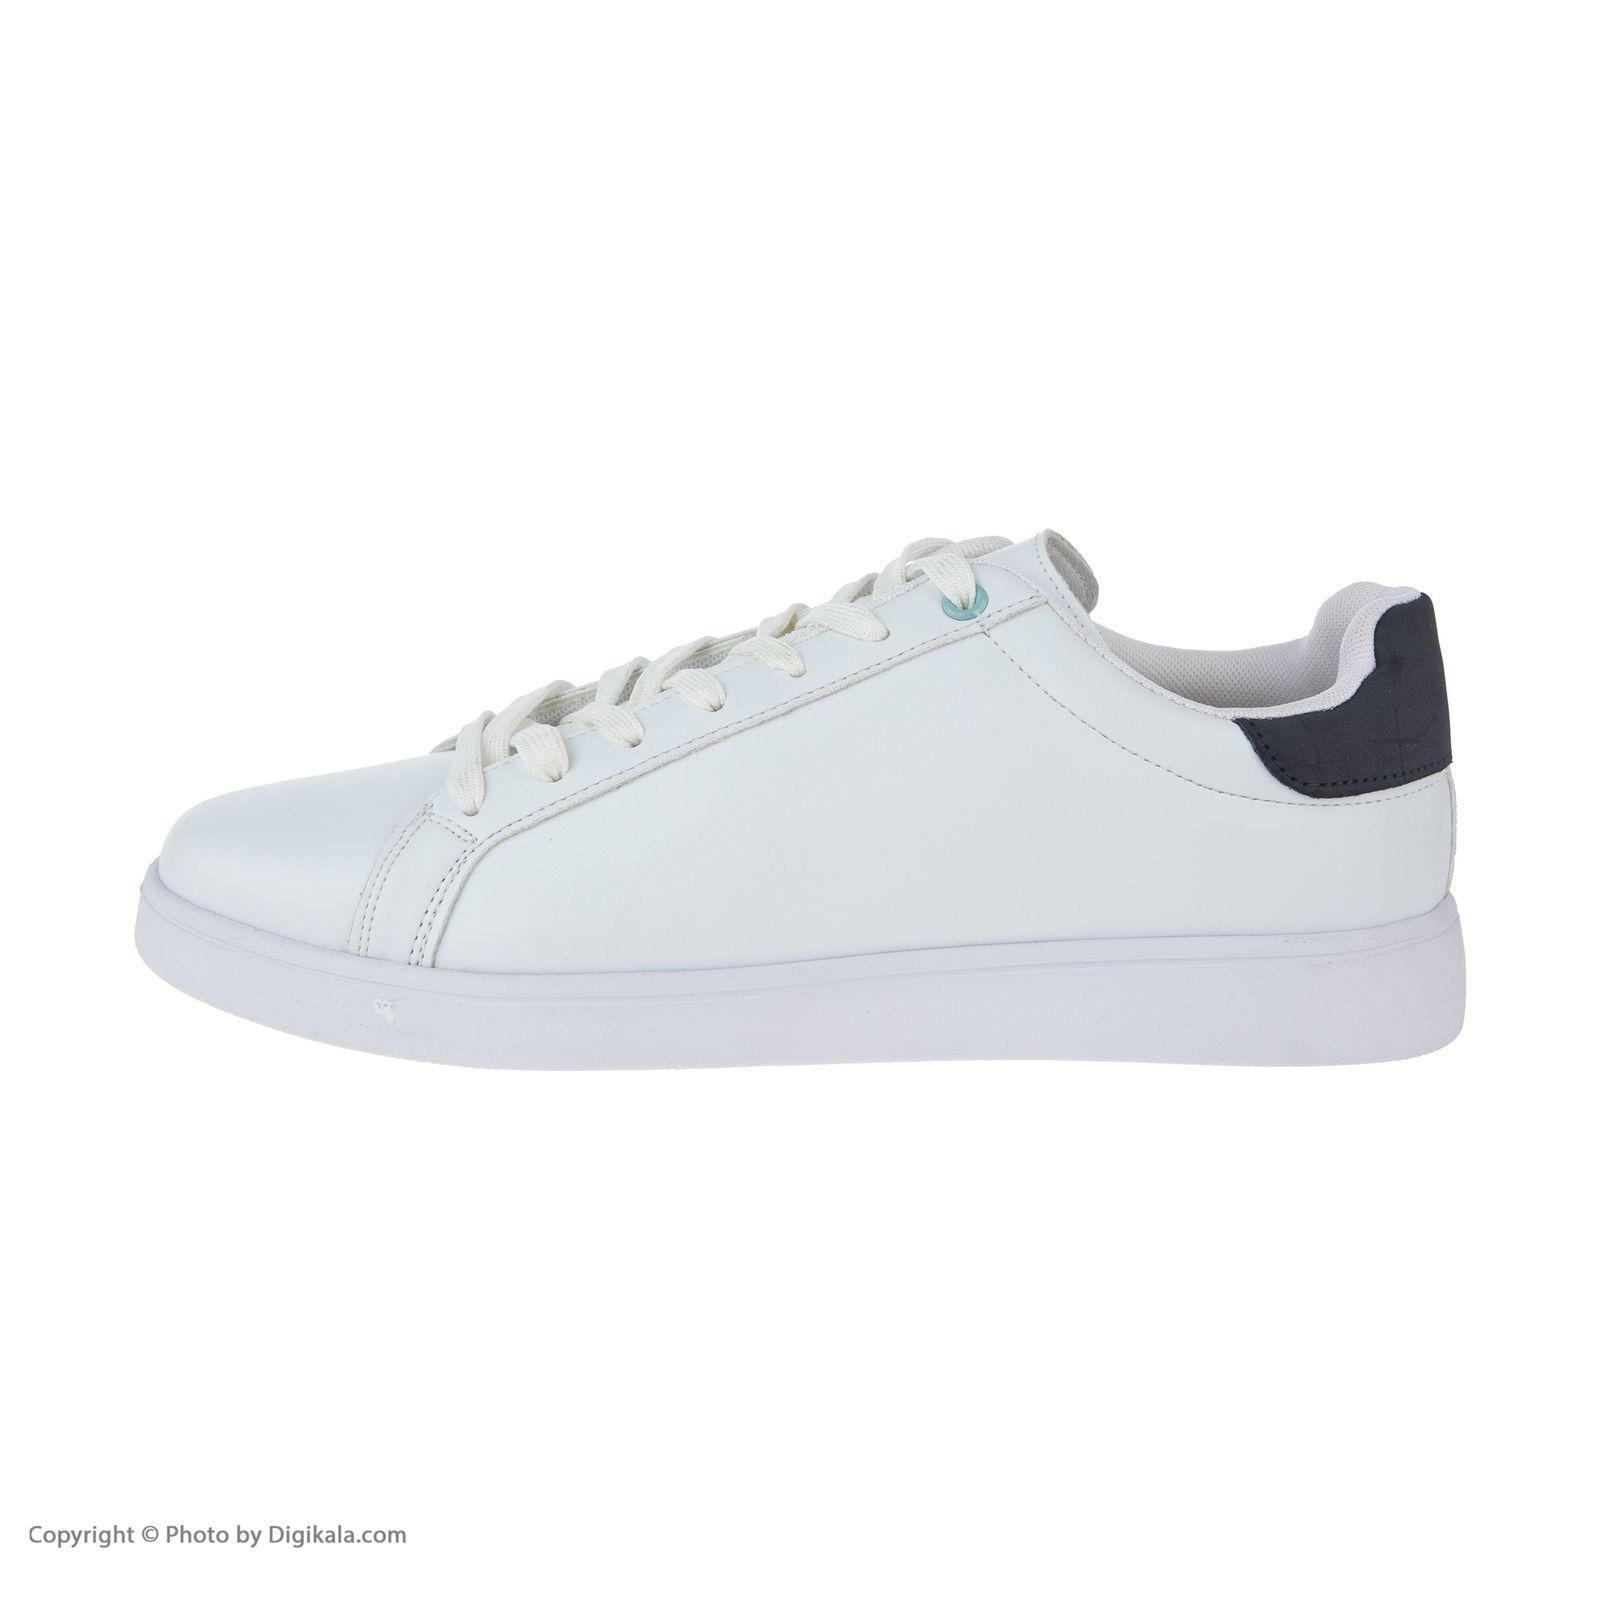 کفش راحتی مردانه آر ان اس مدل 142001-01 -  - 3